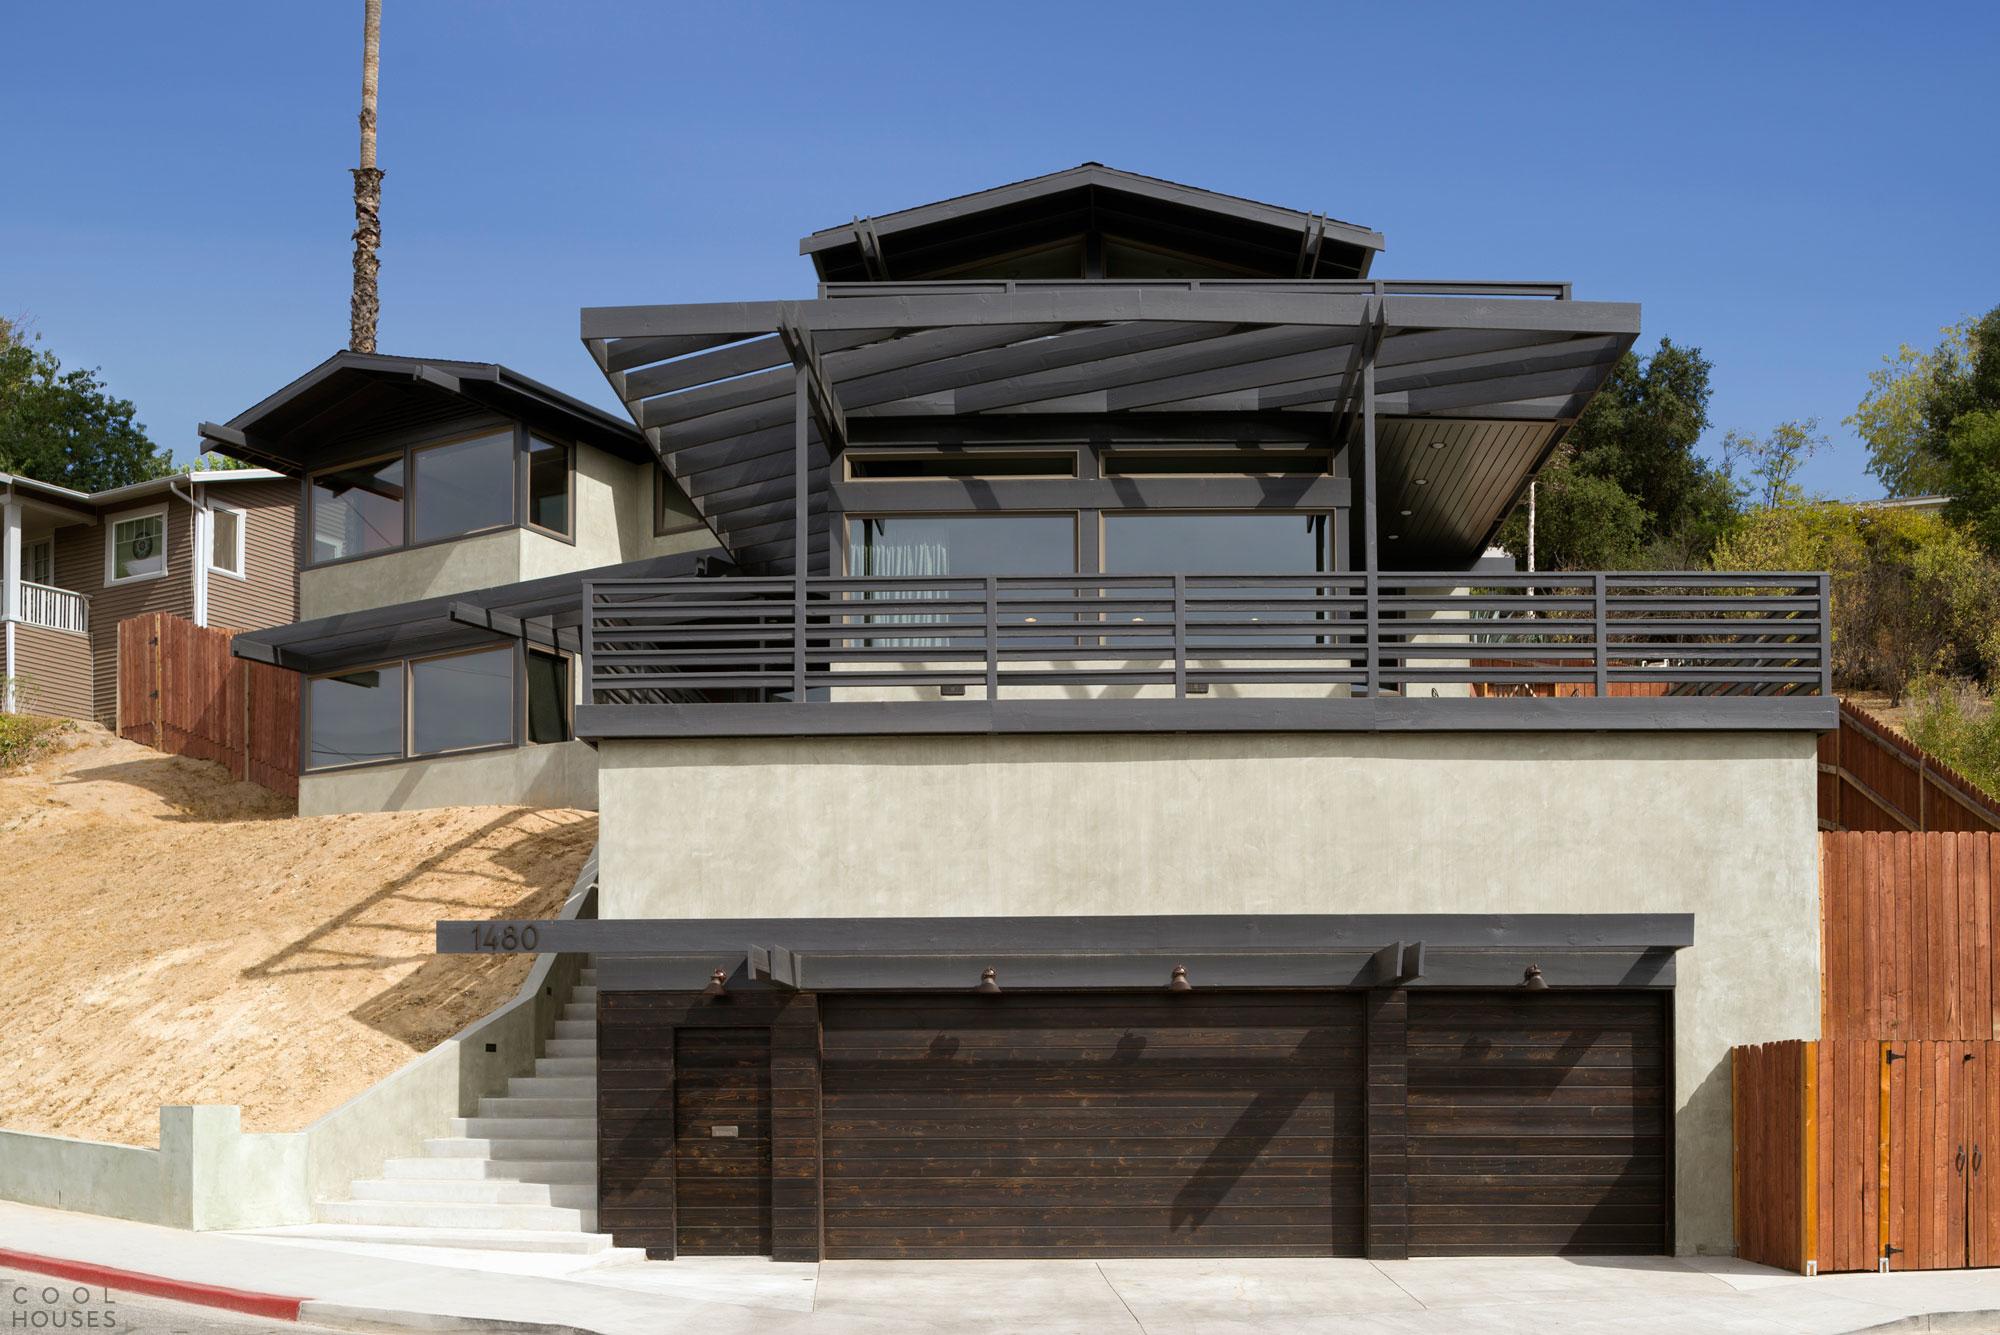 Очаровательная частная резиденция Lopez House в Лос-Анджелесе